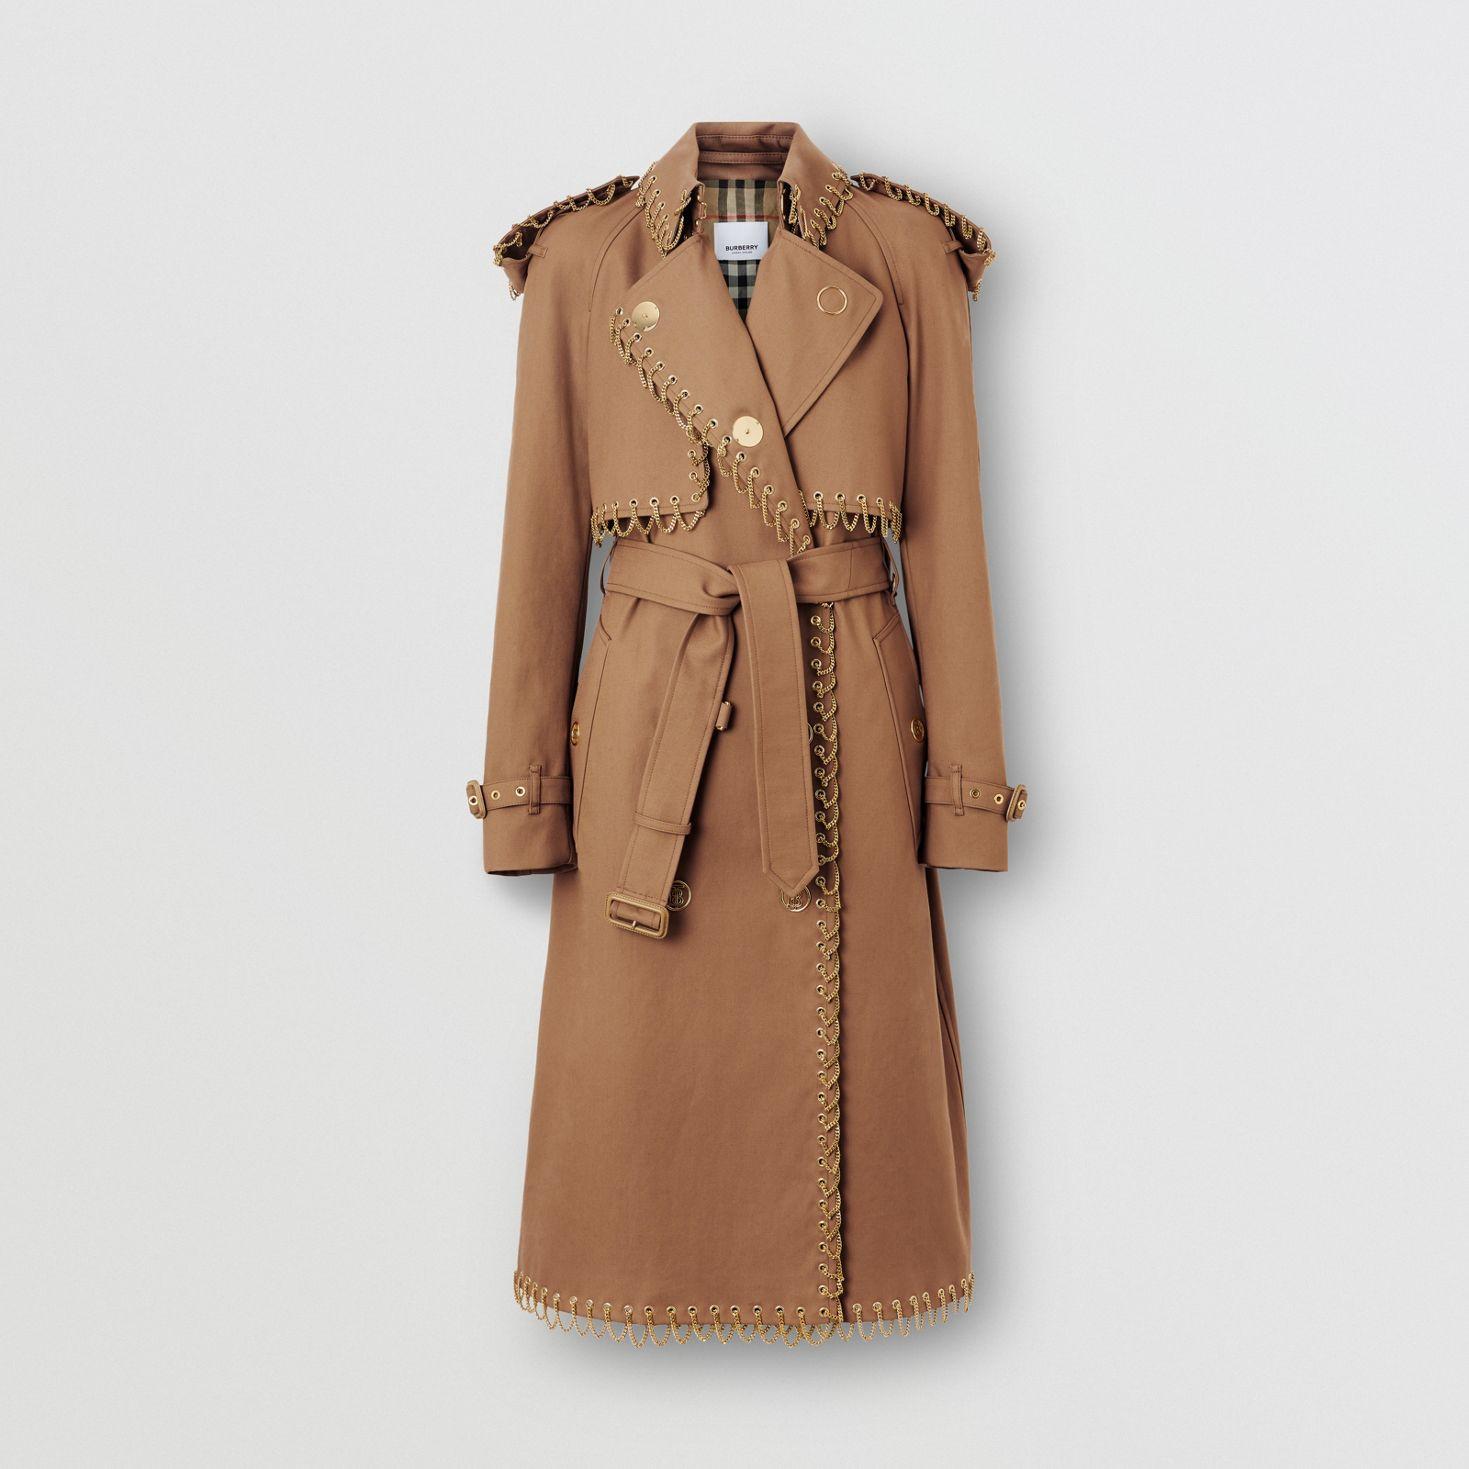 Trench coat de gabardine de algodão com detalhe de corrente_women.jpg